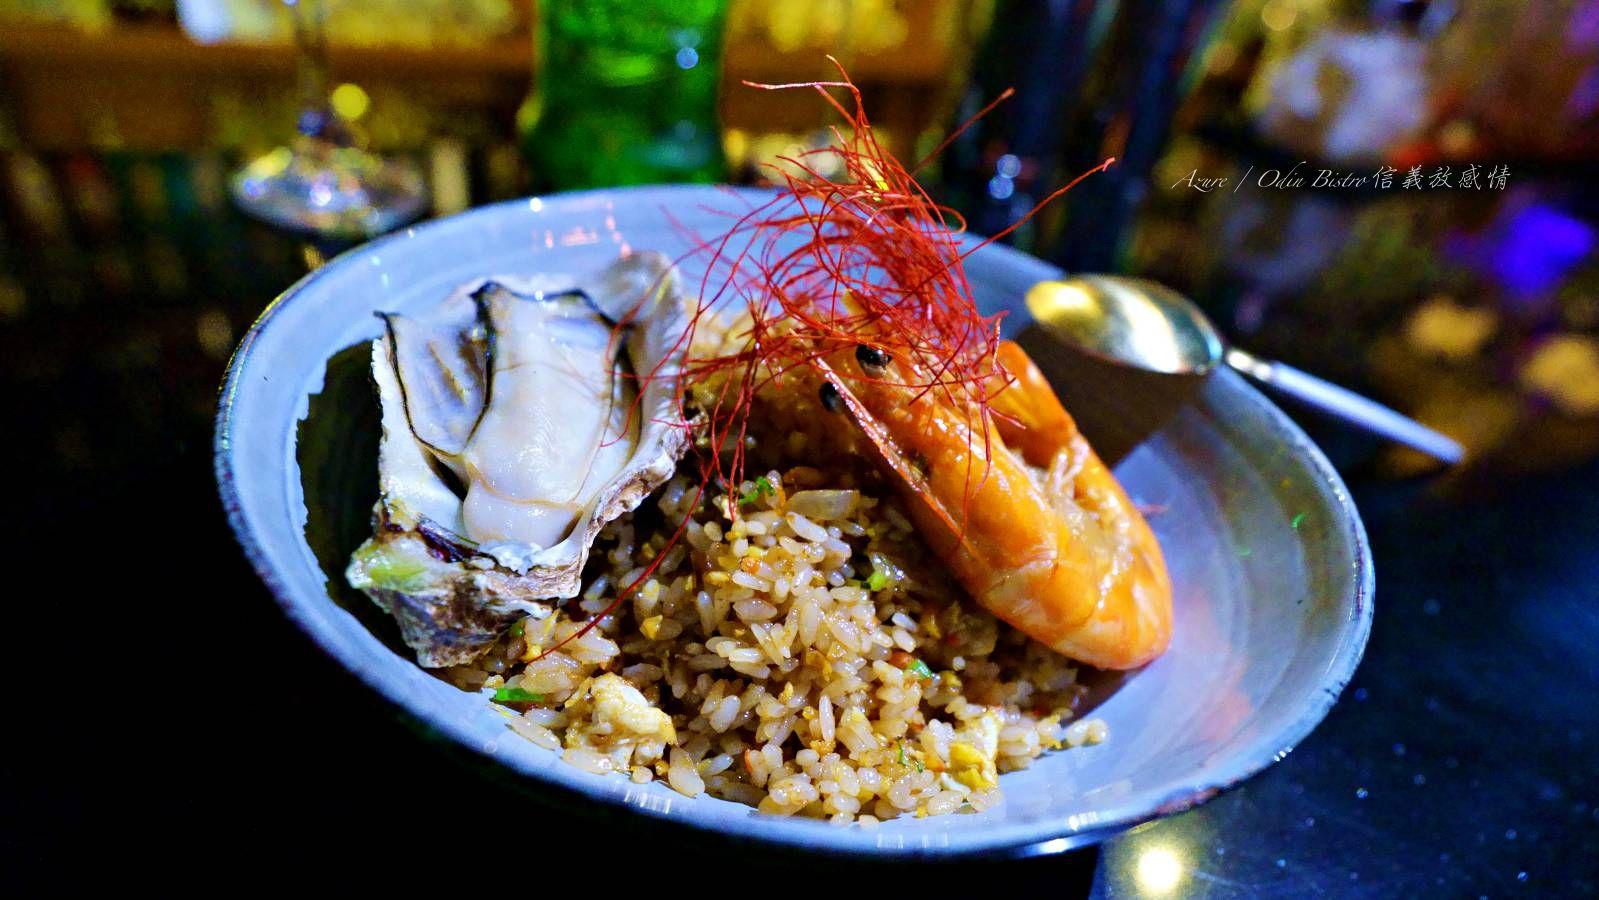 信義放感情,信義區世貿101站餐酒館,創意料理,生蠔鮮蝦蟹黃炒飯